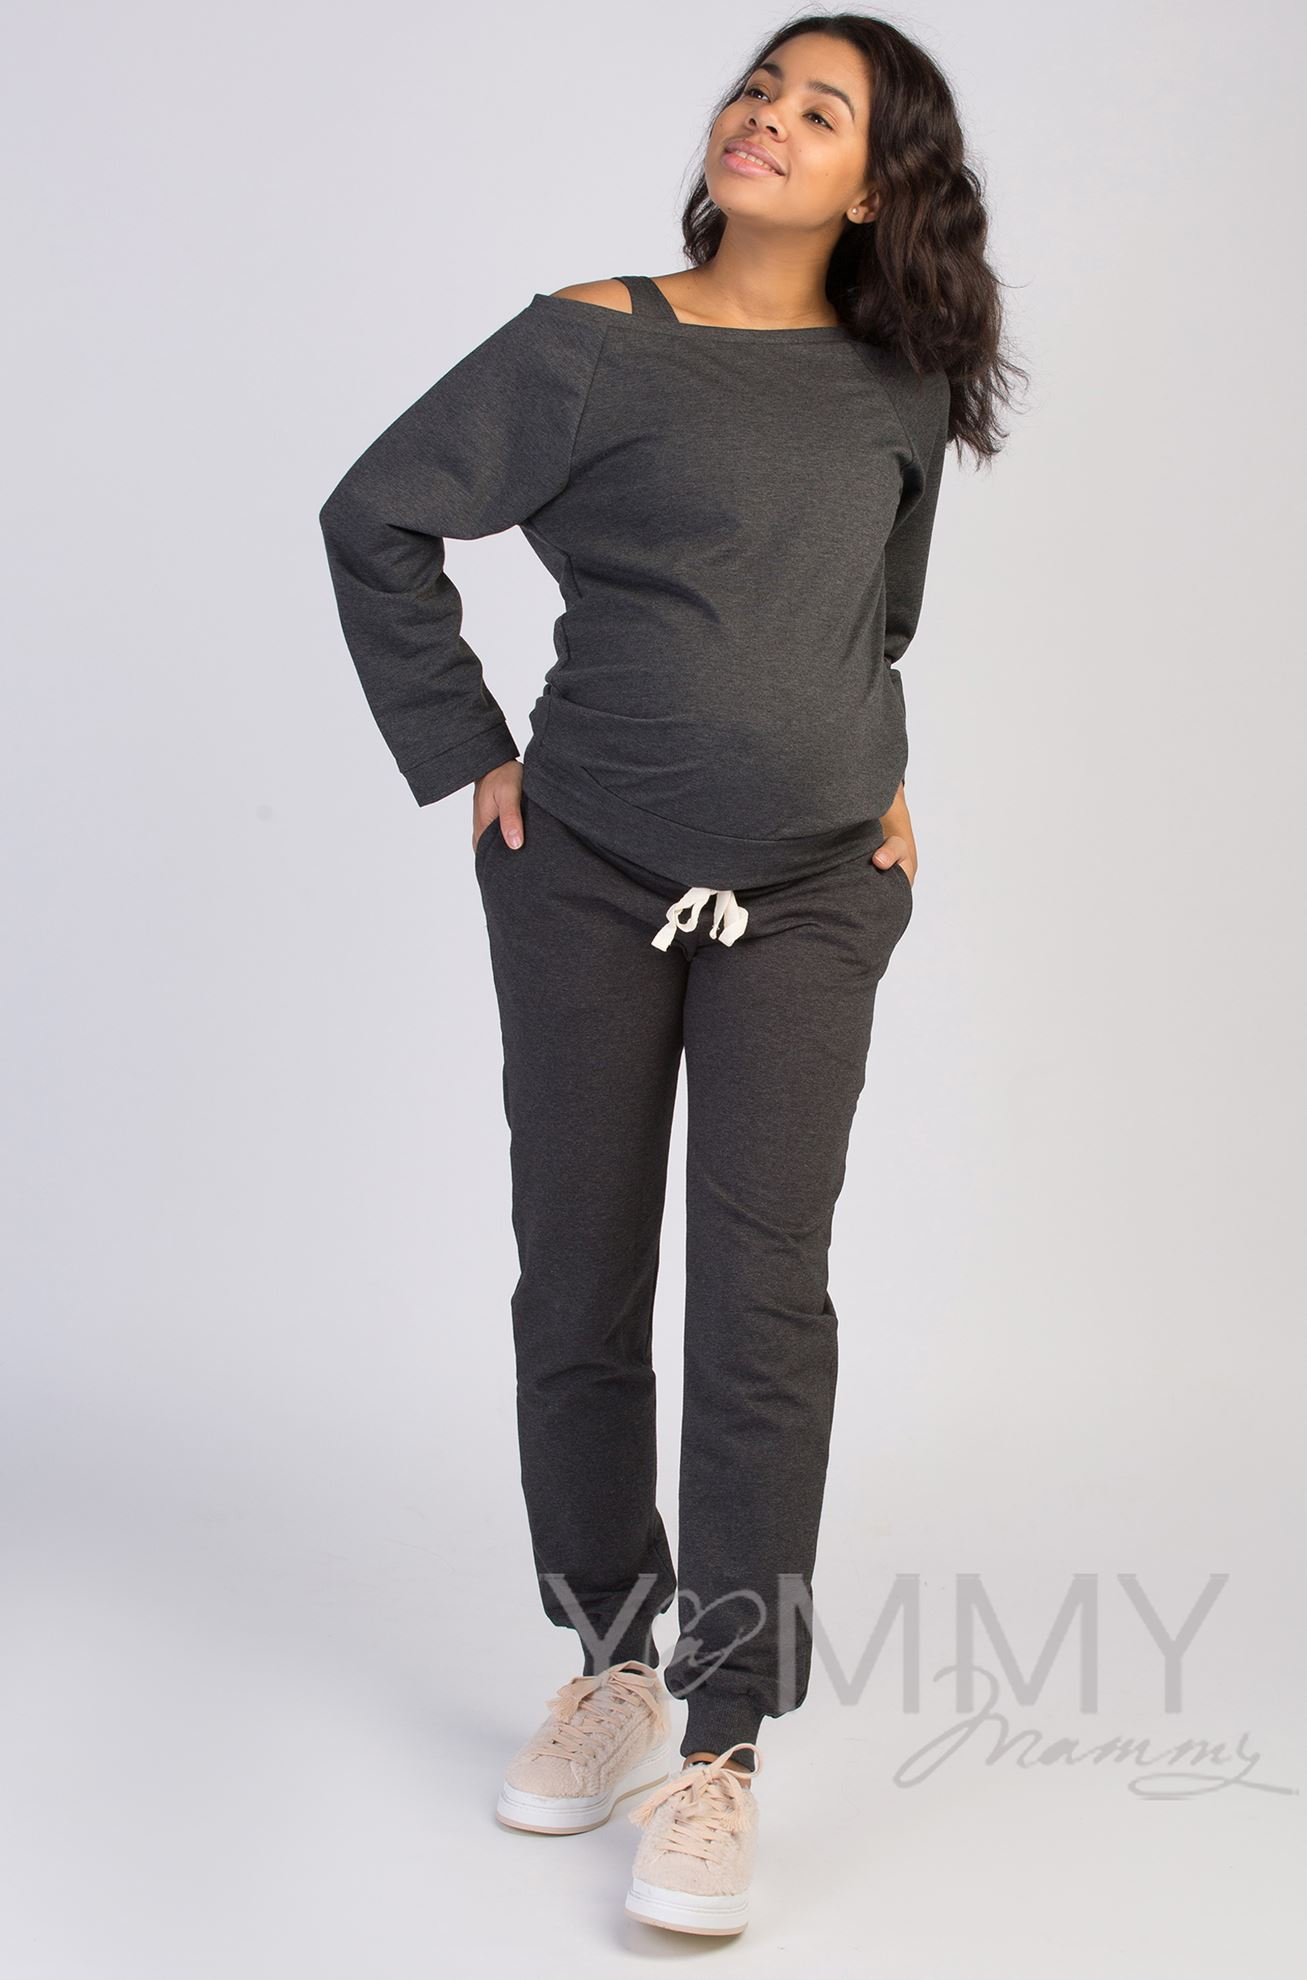 Изображение                               Джемпер со спущенным плечом темно-серый меланж